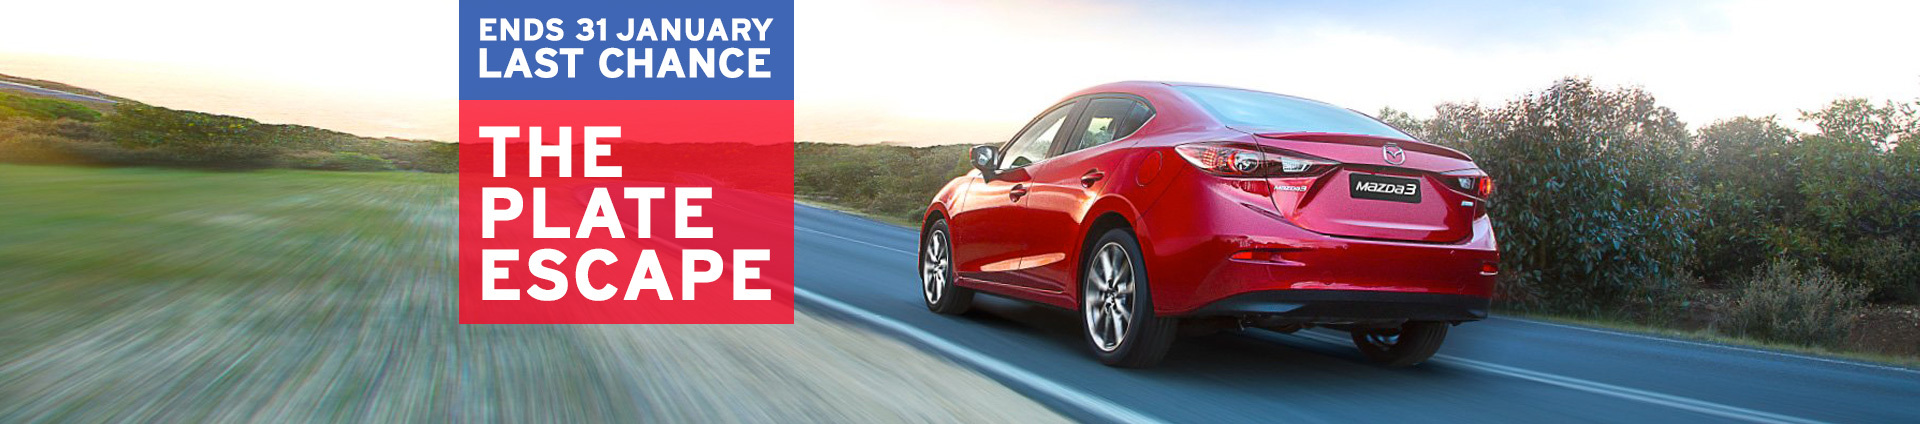 Mazda - 2016 Plate Clearance